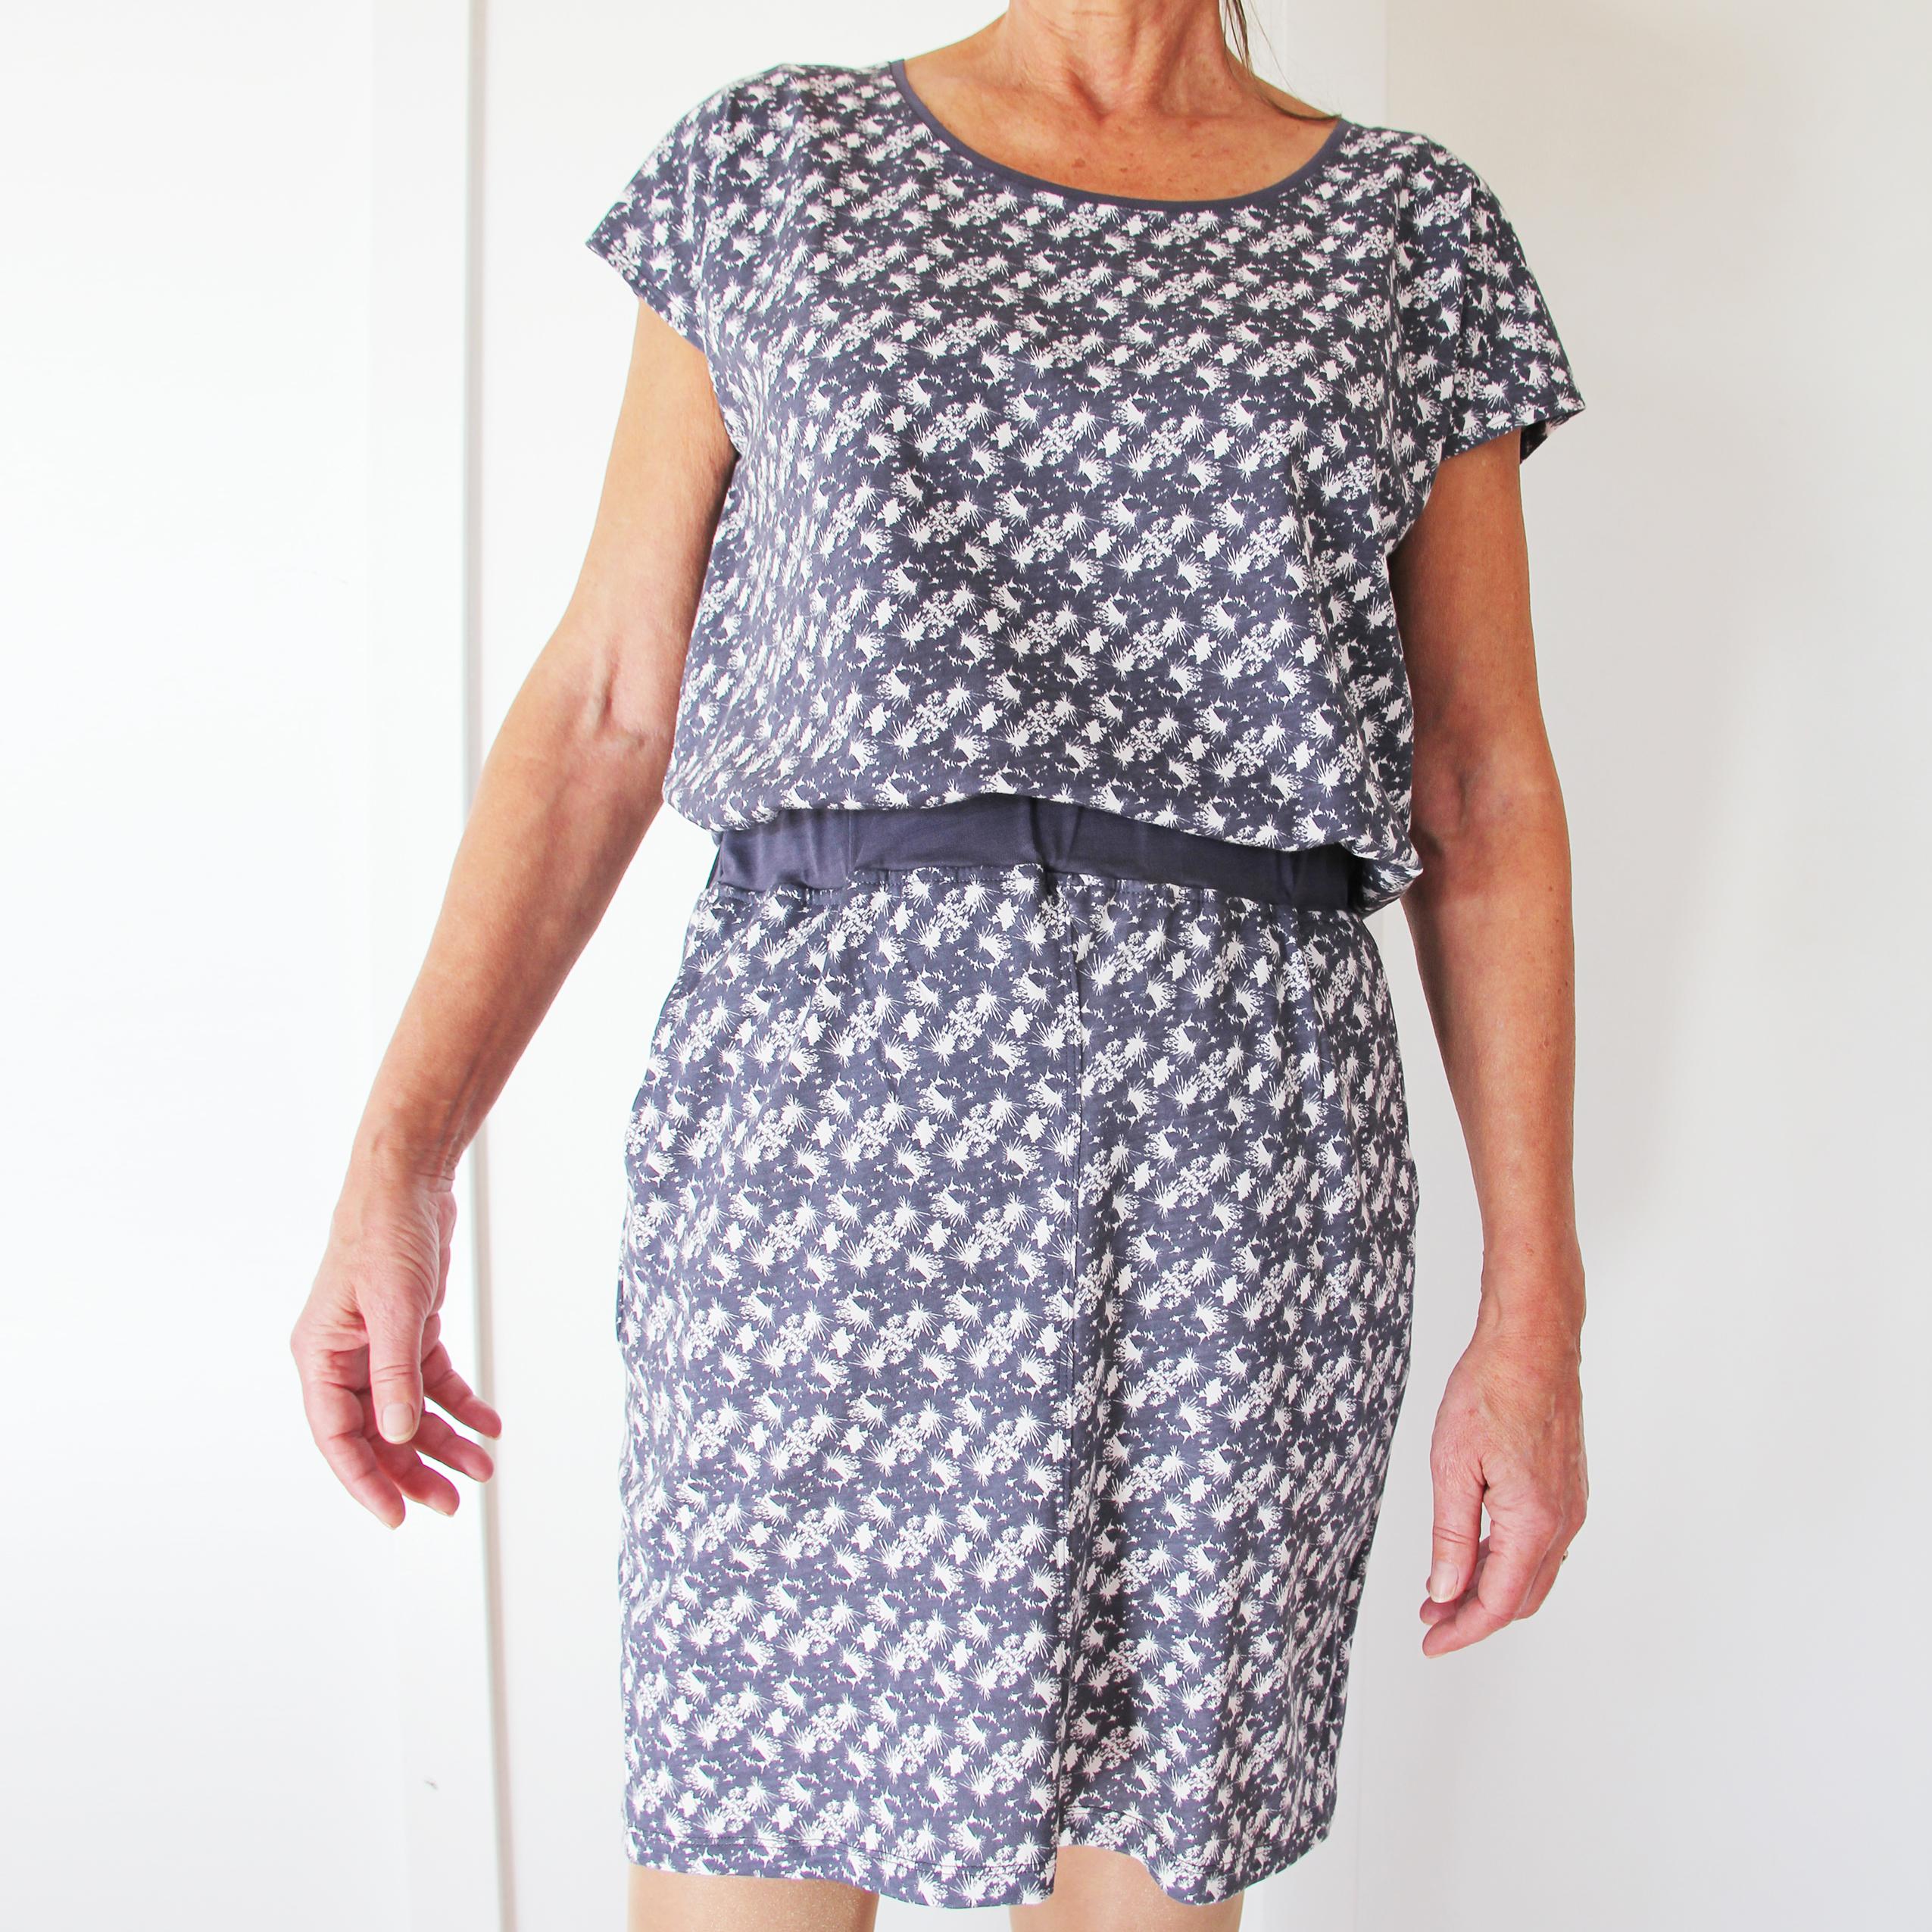 Printet nederdel med lommer